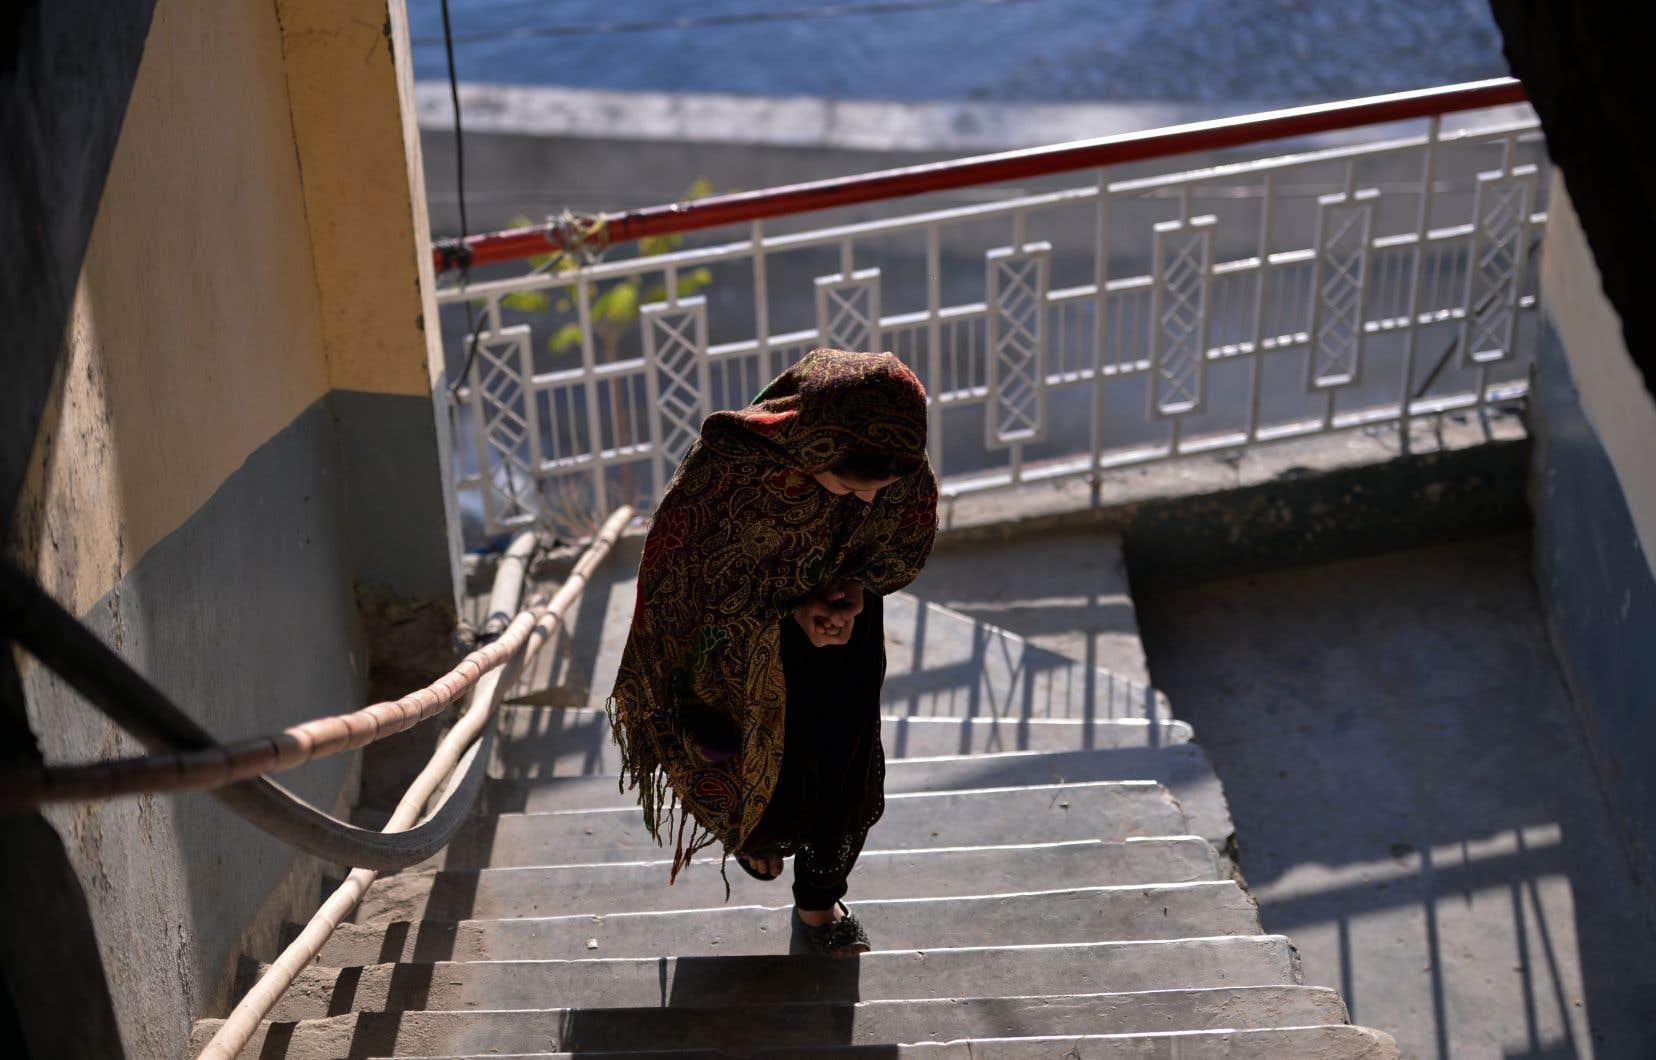 Cette représentation d'une jeune fille pakistanaise prenant en main son avenir est on ne peut plus importante, voire primordiale, de nos jours dans une société occidentale qui fait de la femme musulmane son sujet de débat favori.